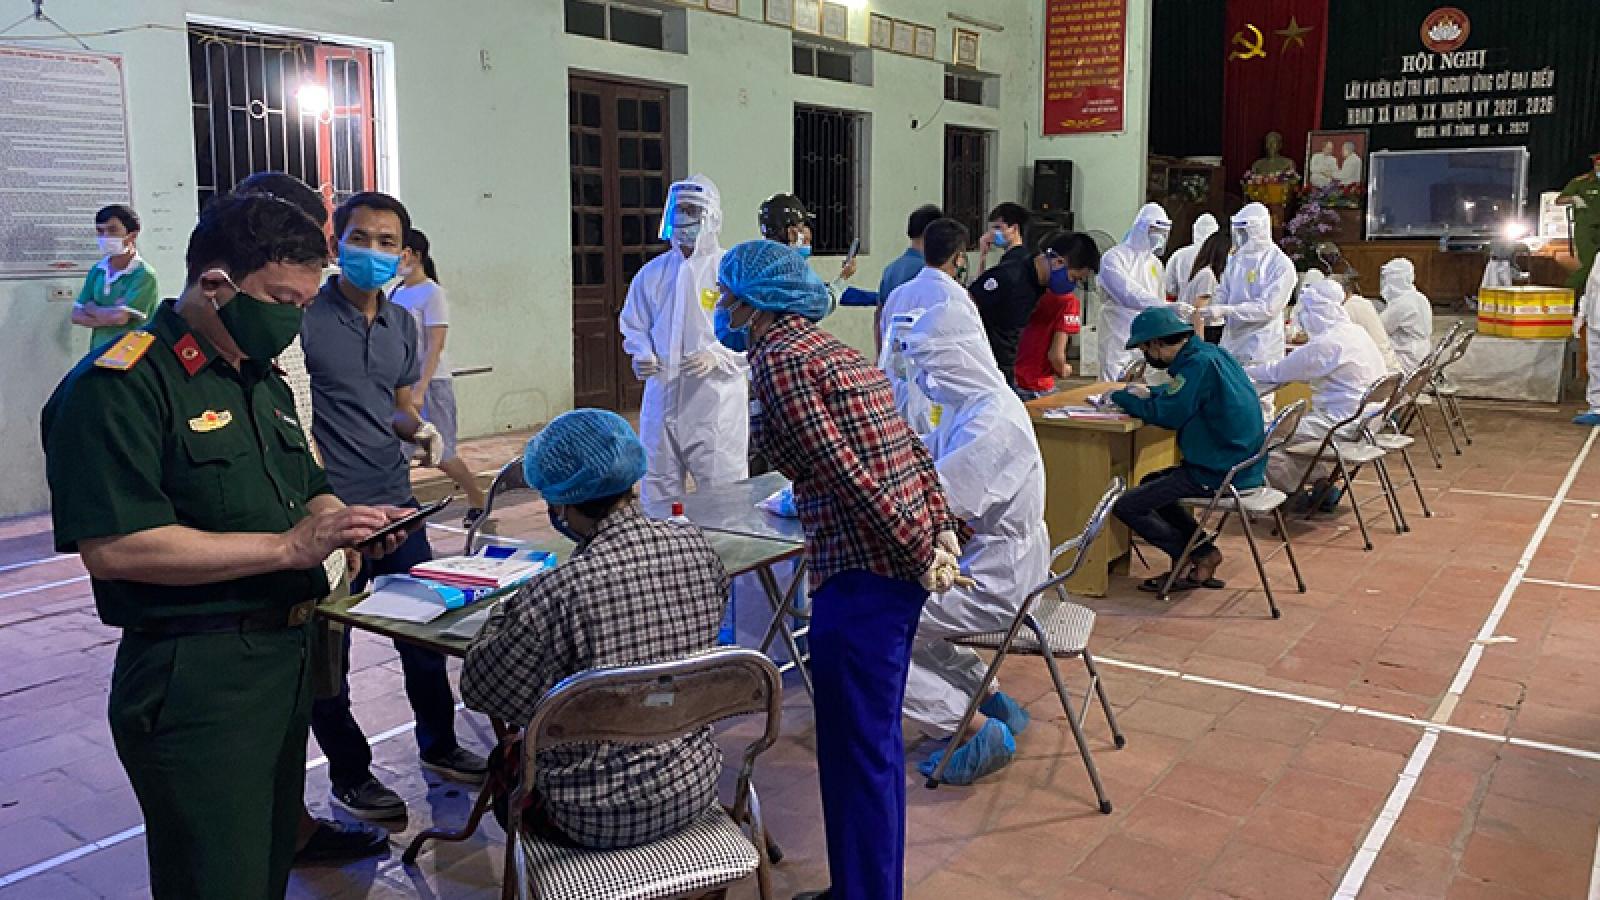 Gần 1.000 bệnh nhân Covid-19 ở Bắc Ninh đã khỏi bệnh và được xuất viện